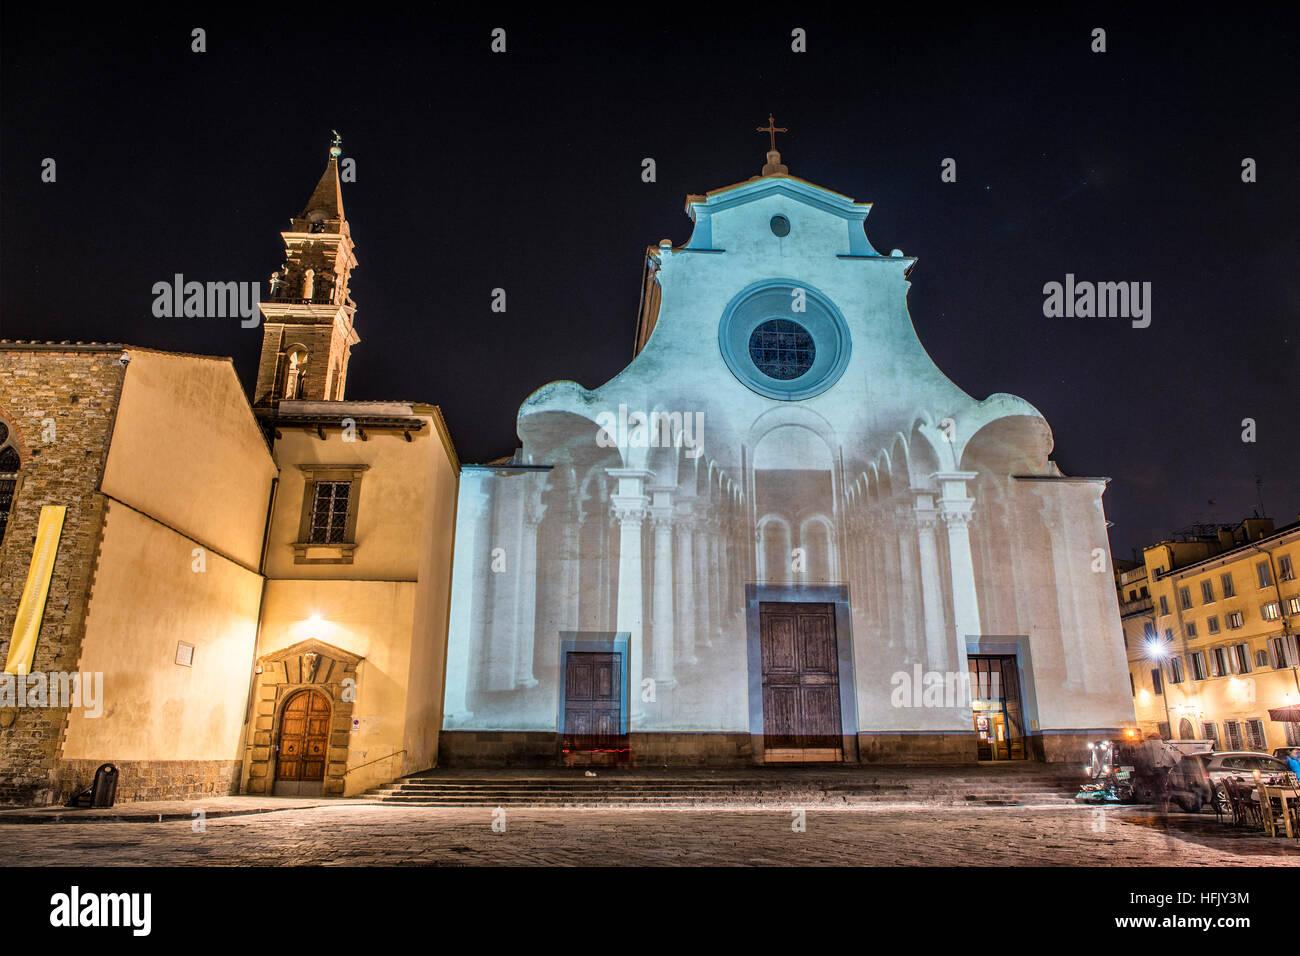 """Firenze, Toscana. La chiesa di Santo Spirito illuminato dalla magia di luci e colori della manifestazione """"Firenze Light Festival' Foto Stock"""